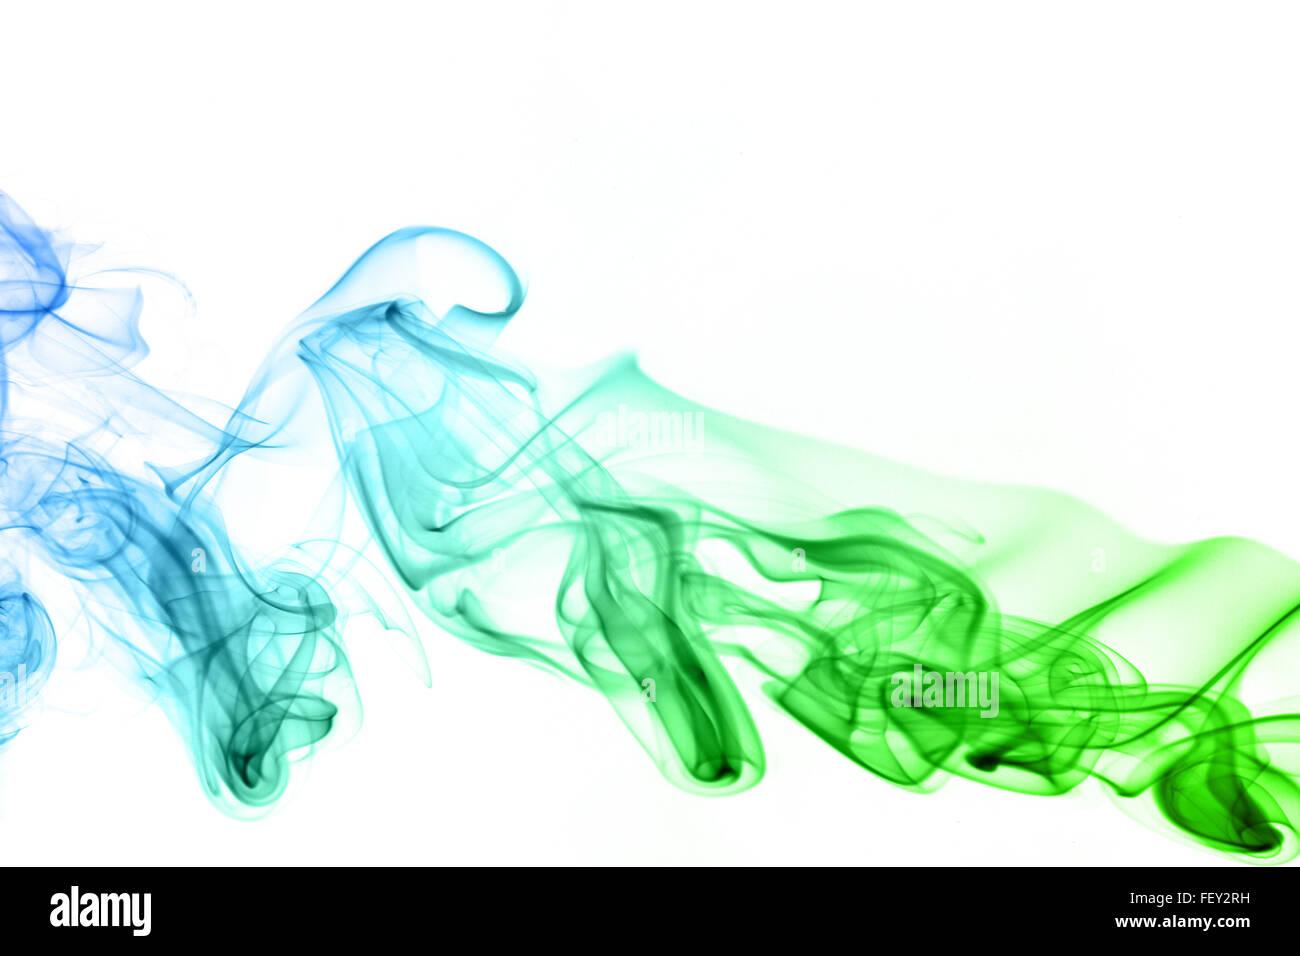 Fumo colorato isolati su sfondo bianco Immagini Stock